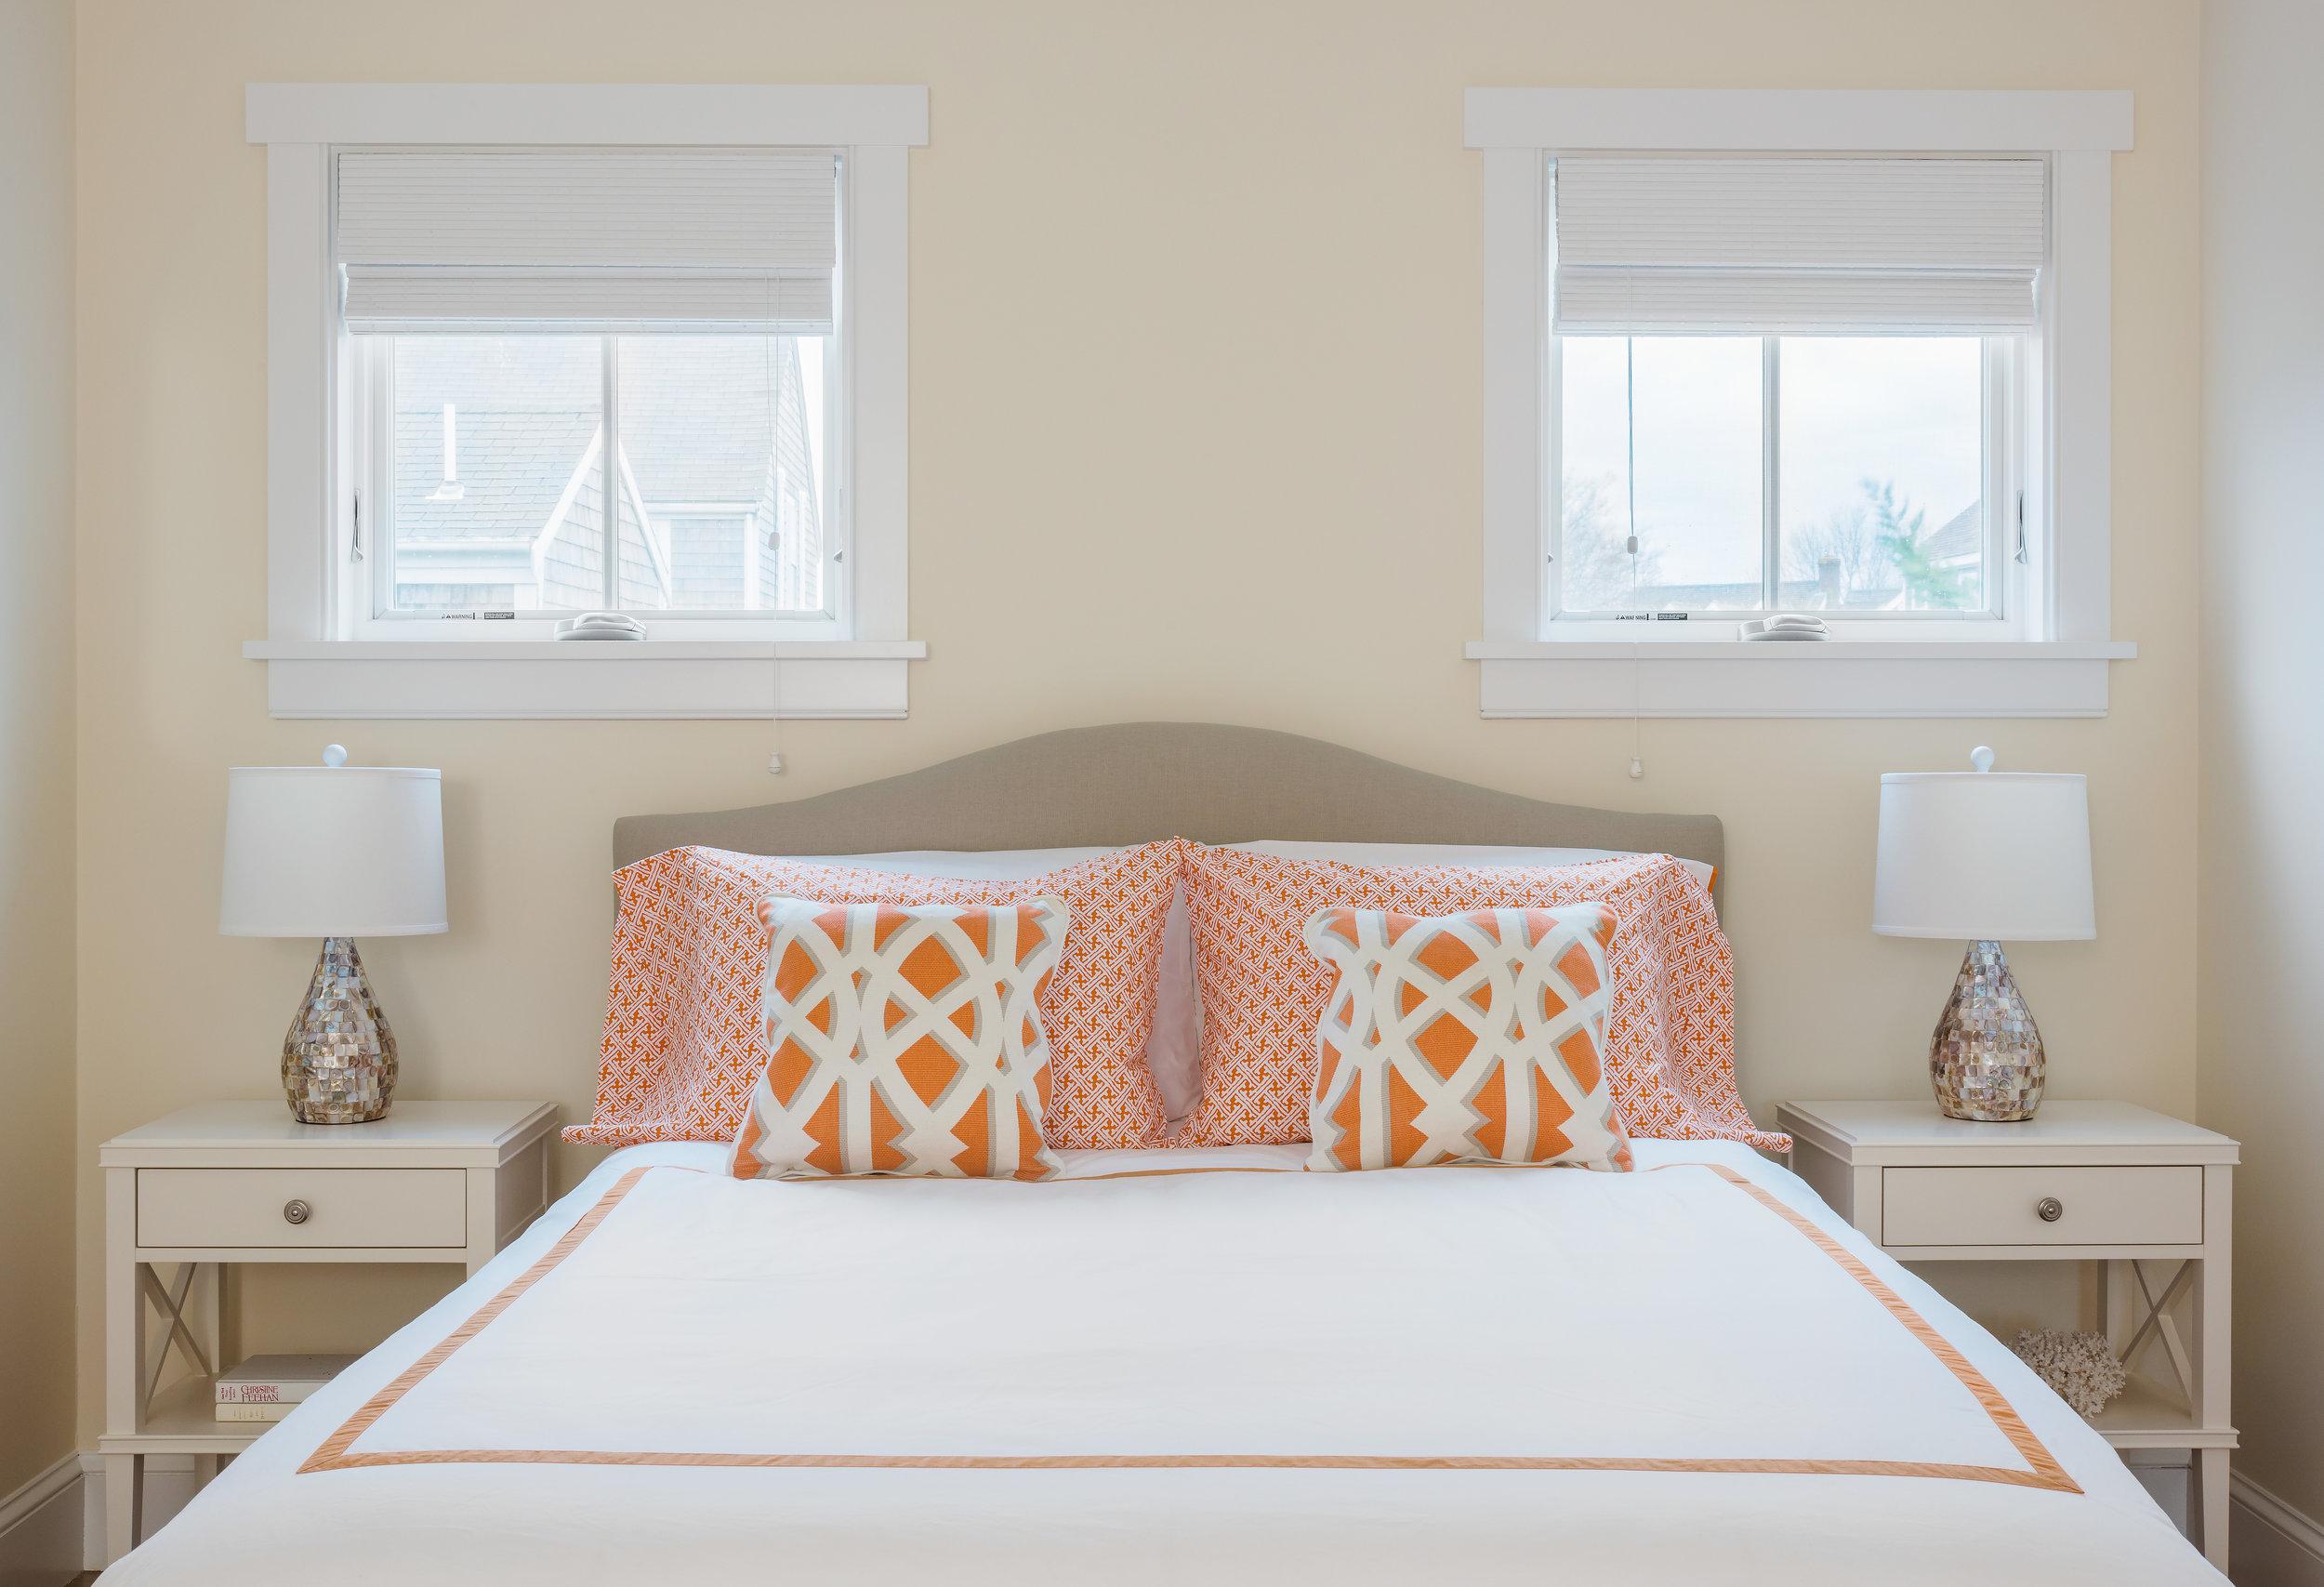 orangeroomsharpened.jpg